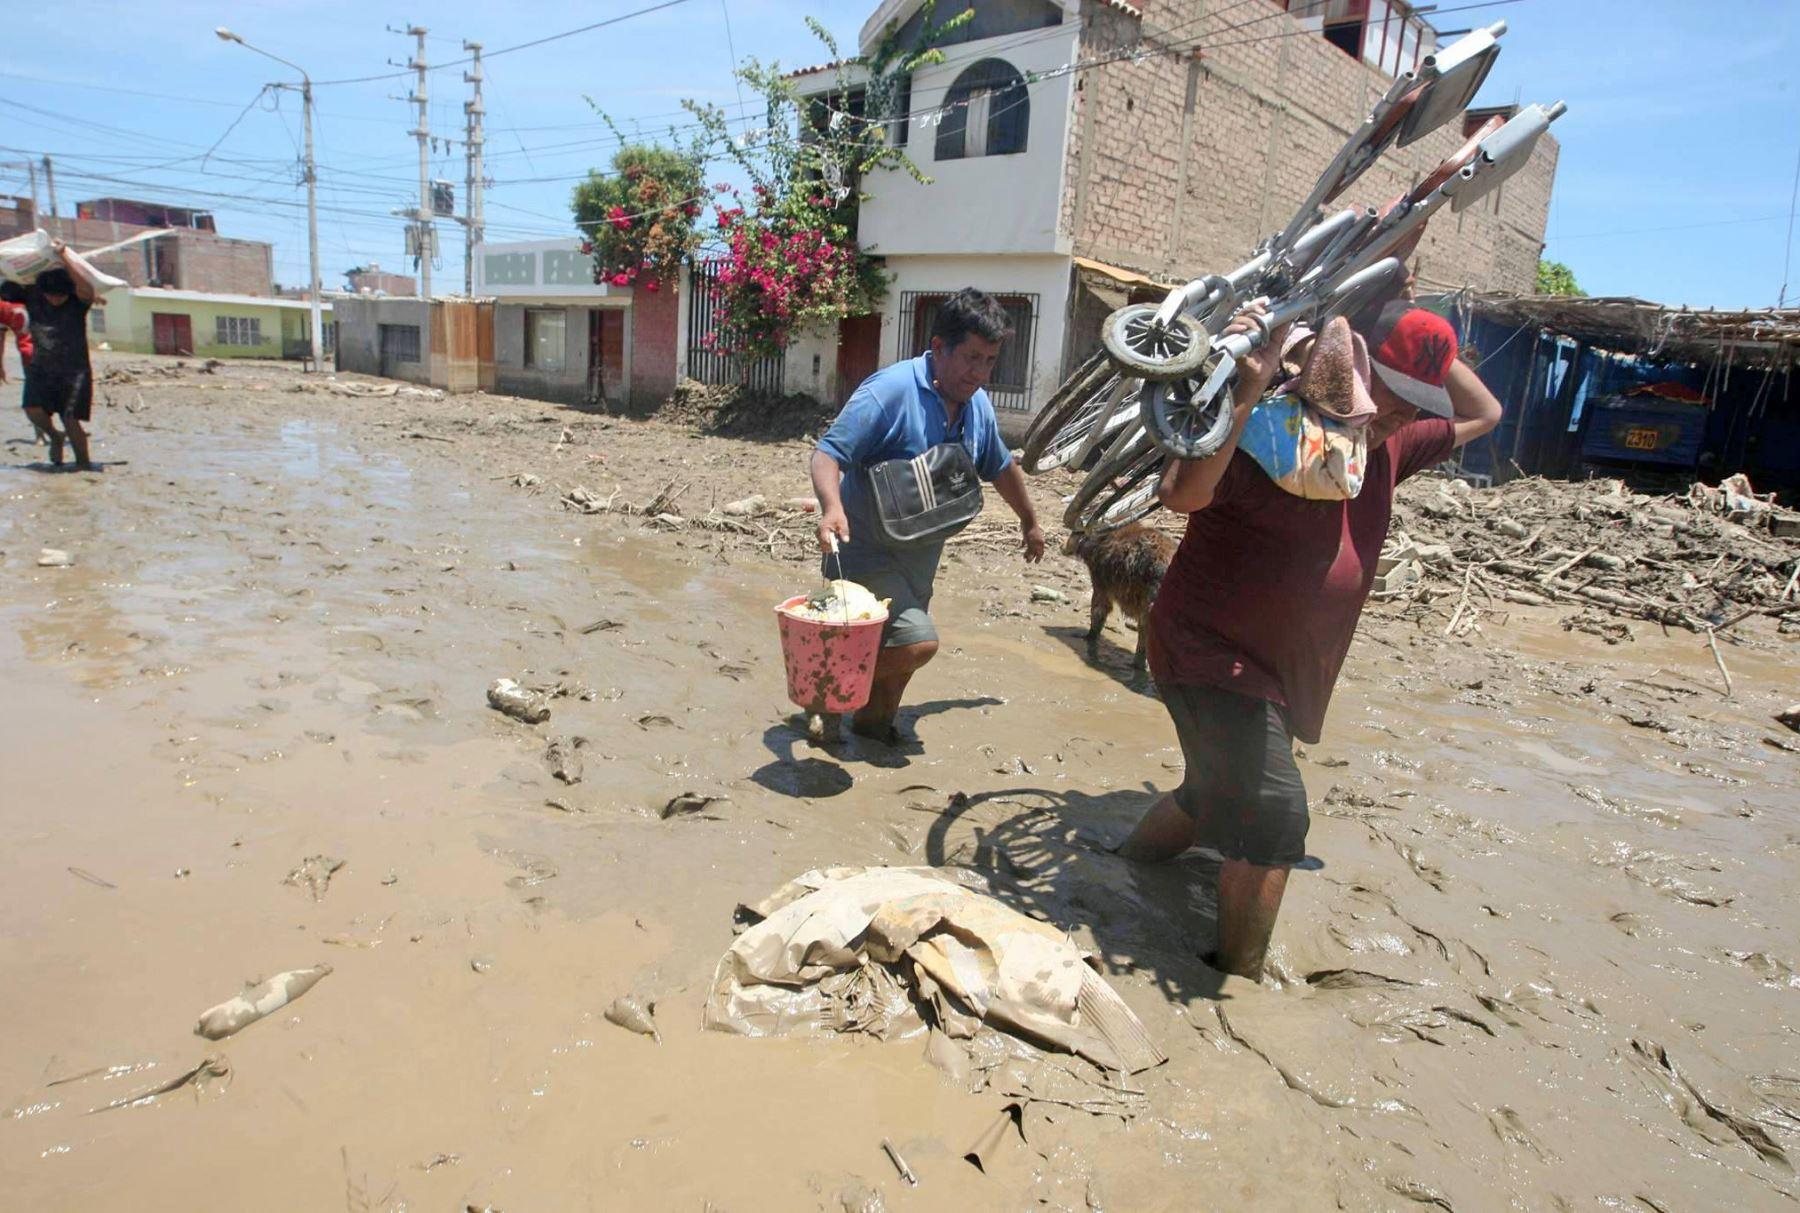 Midis diseña estrategia para reducir riesgos de personas en situación de pobreza ante desastres naturales. ANDINA/Jhony Laurente